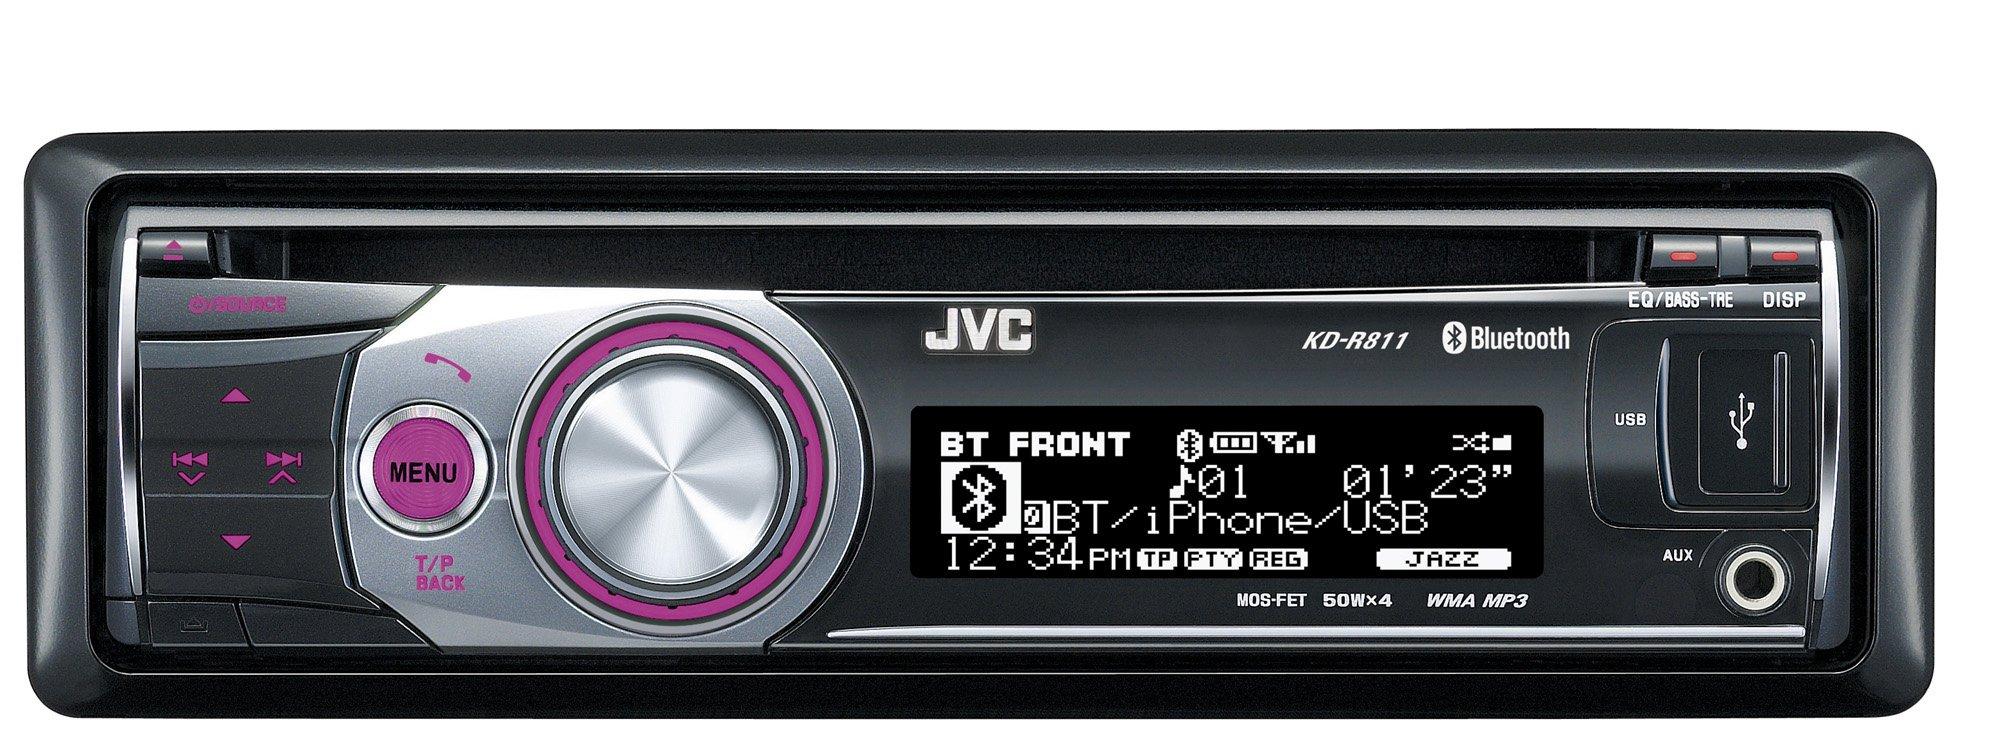 Магнитола jvc g745 инструкция